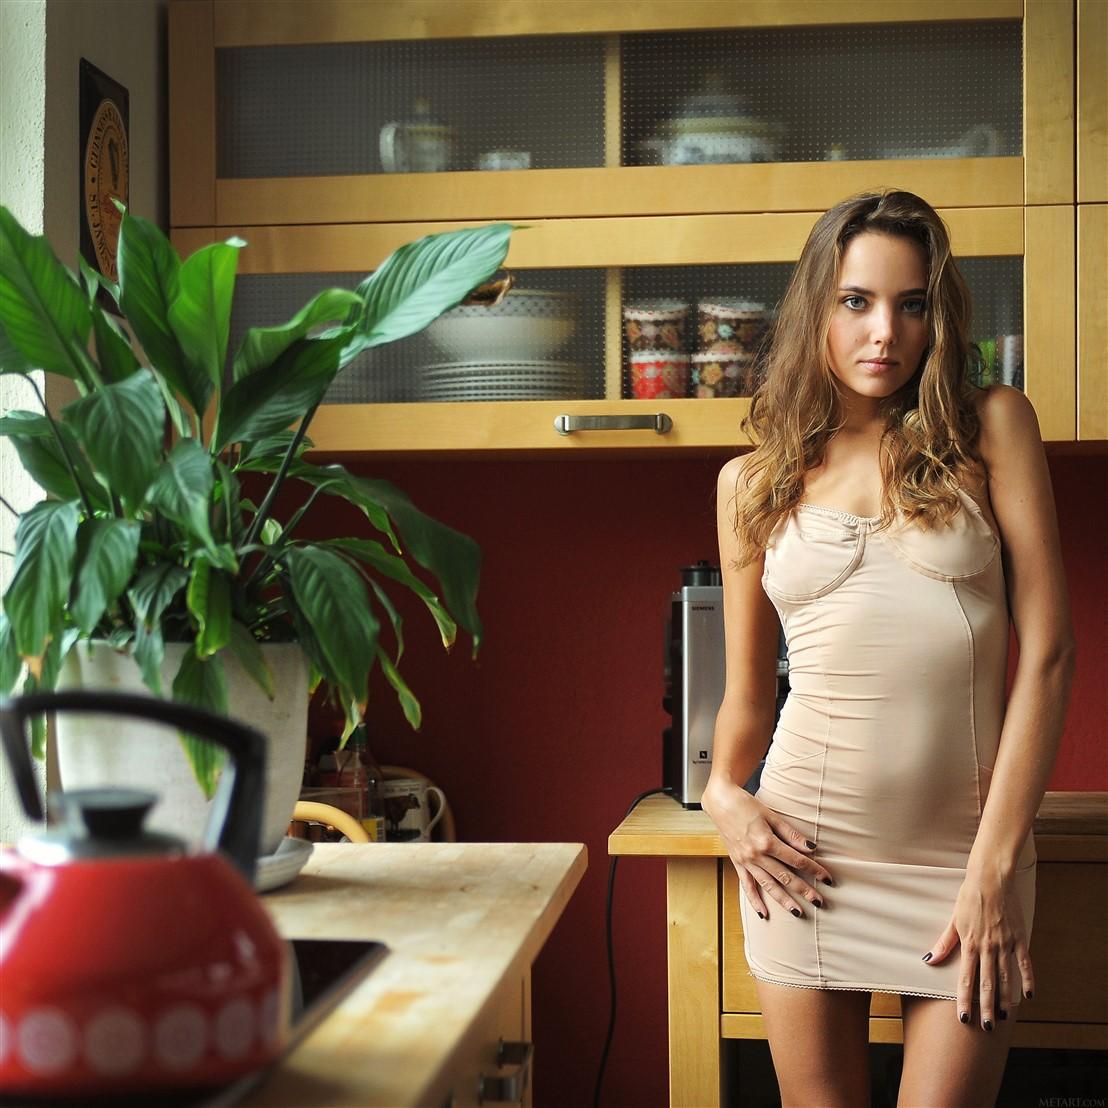 prostitutas del salvaje oeste videos x prostitutas